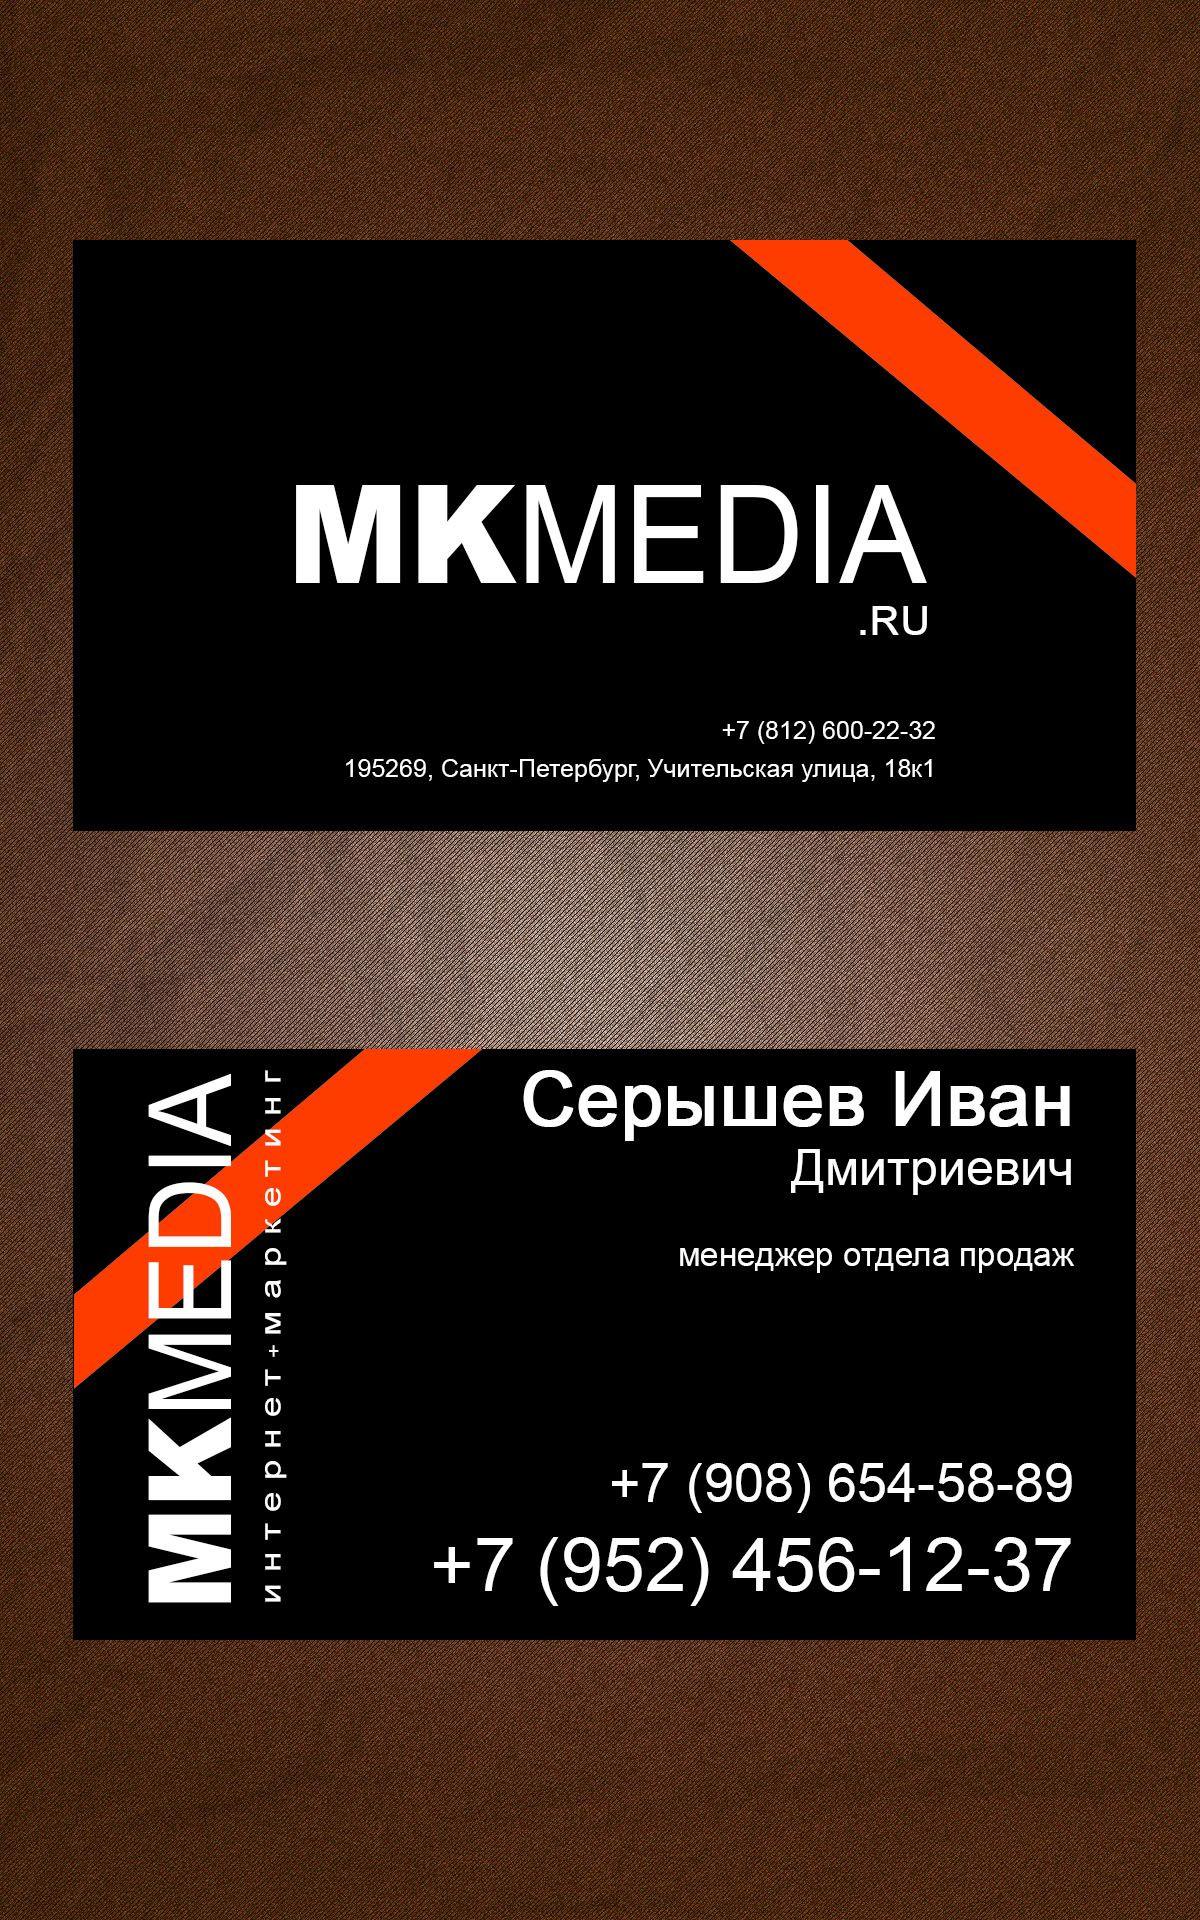 Разработка дизайна визитной карточки - дизайнер qTen